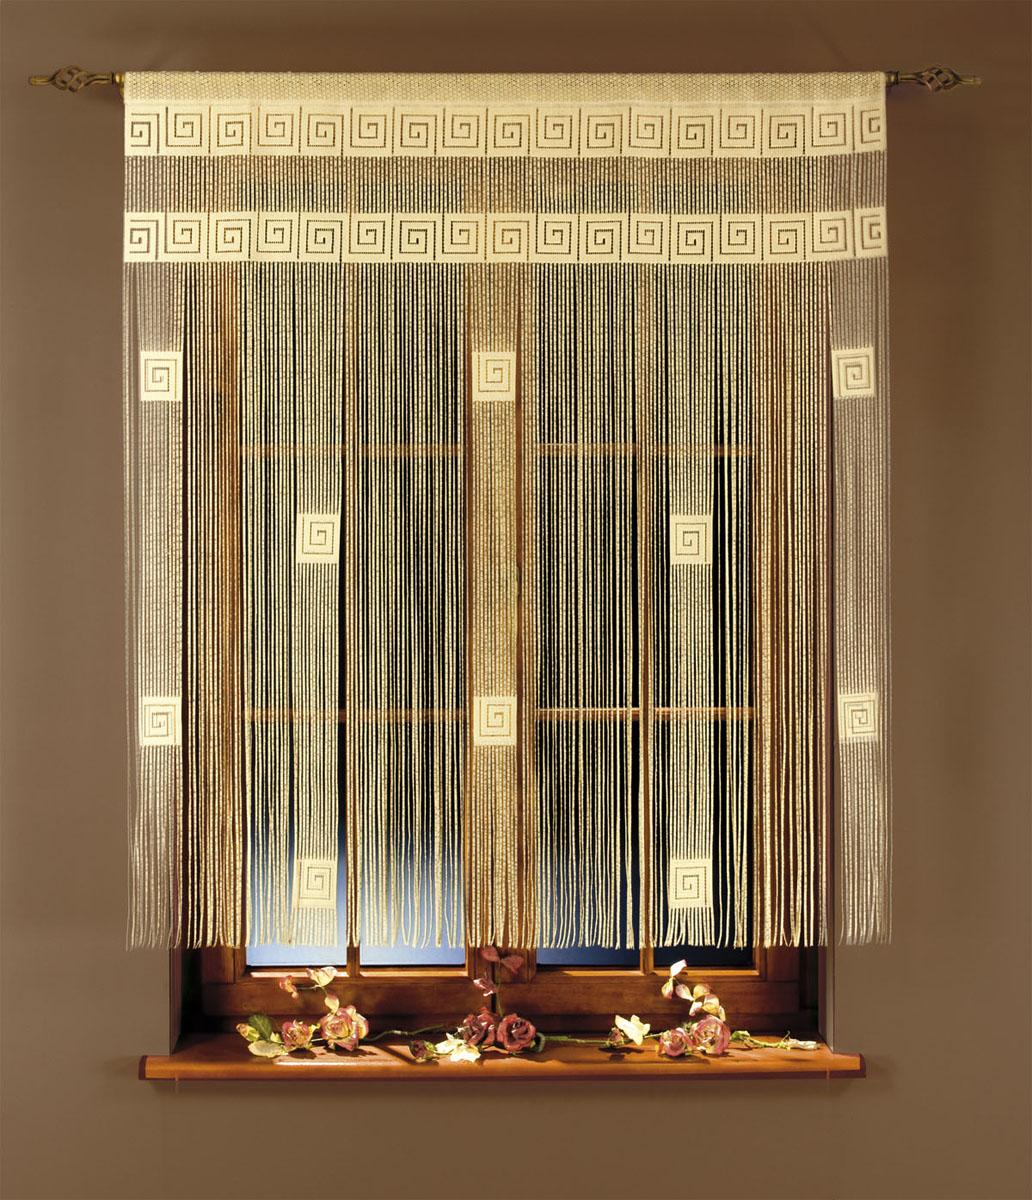 Гардина-лапша Ira, на кулиске, цвет: кремовый, высота 160 см663354Гардина-лапша Ira, изготовленная из полиэстера кремового цвета, станет великолепным украшением окна, дверного проема и прекрасно послужит для разграничения пространства. Необычный дизайн и яркое оформление привлекут внимание и органично впишутся в интерьер. Гардина-лапша оснащена кулиской для крепления на круглый карниз.